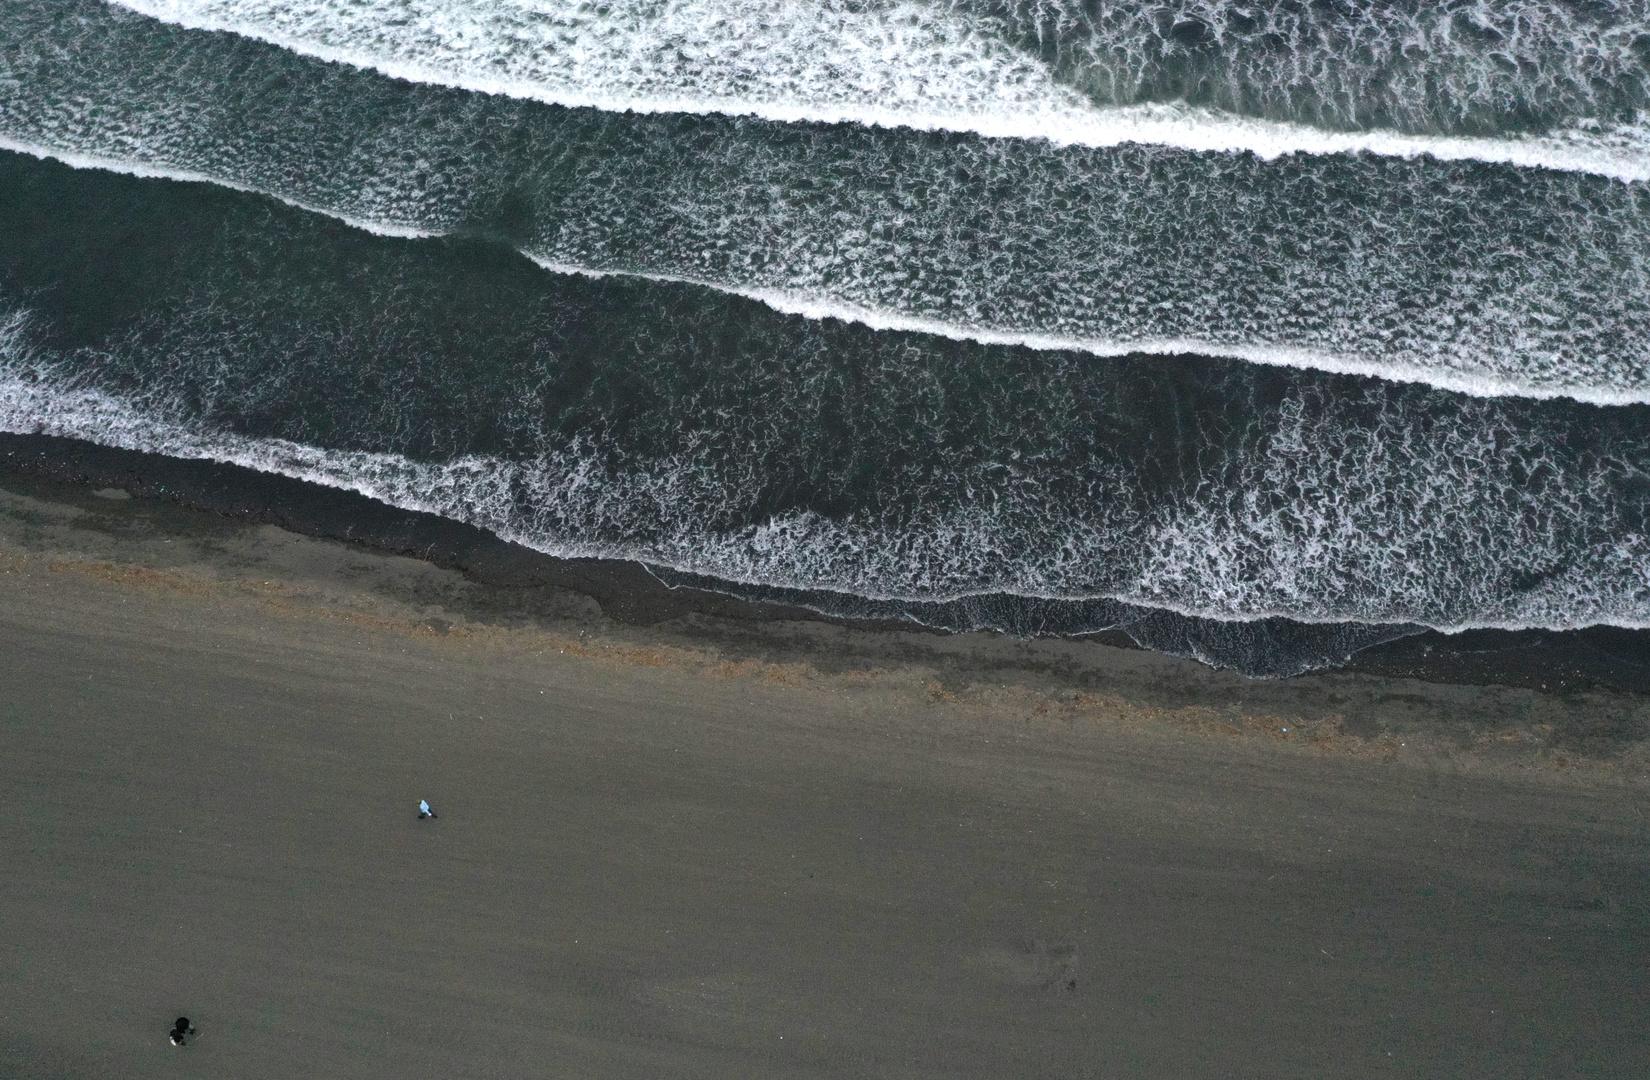 شاطئ  بالقرب من جزيرة إنوشيما في اليابان